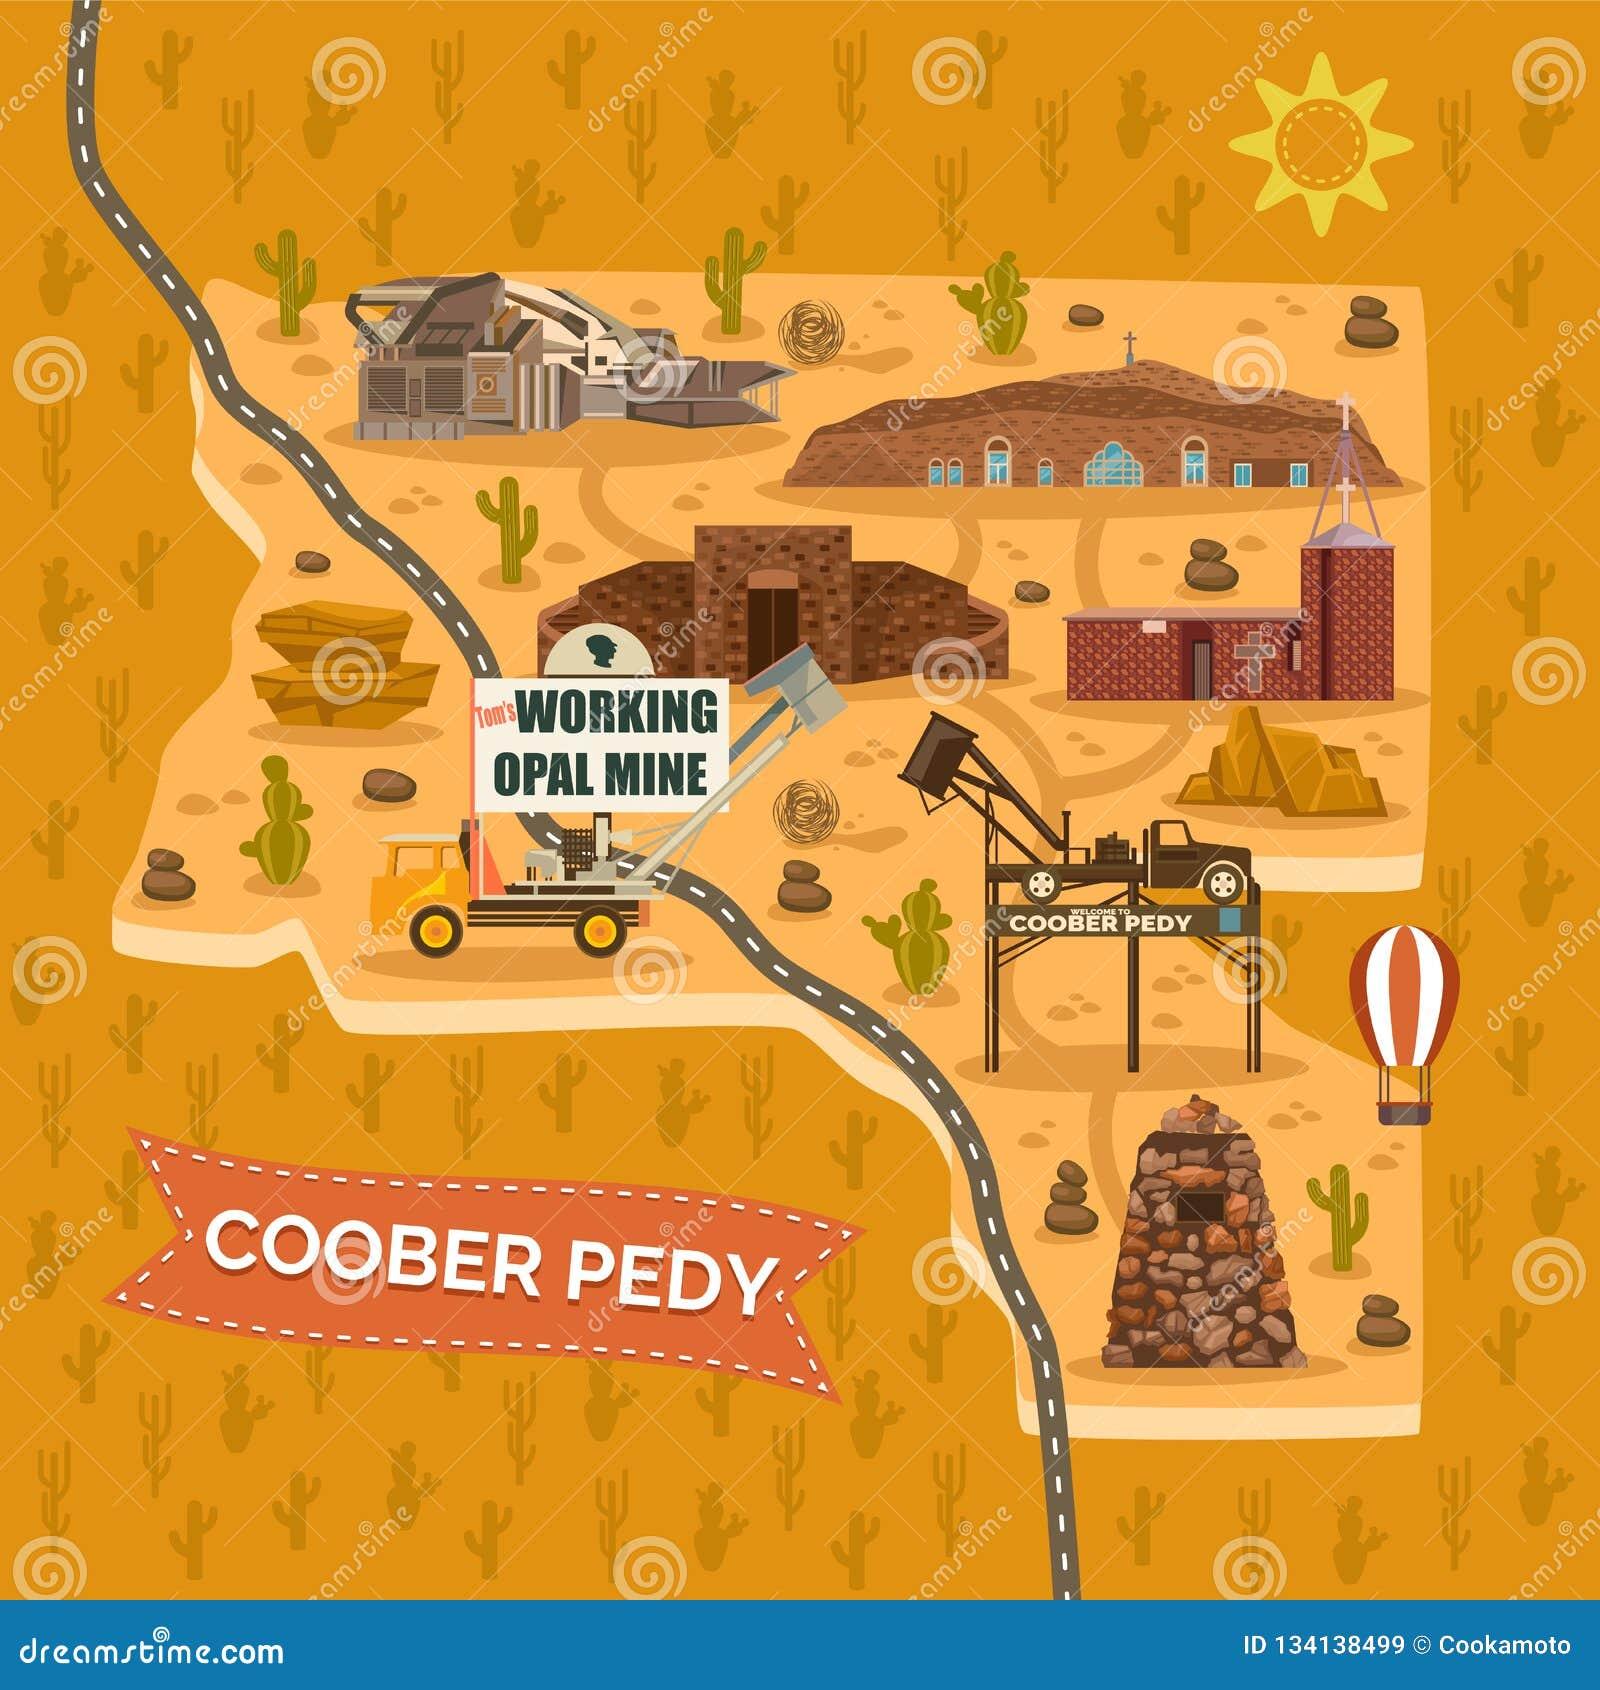 Map Of Australia Landmarks.Landmark Map For Australian Coober Pedy Town City Stock Vector